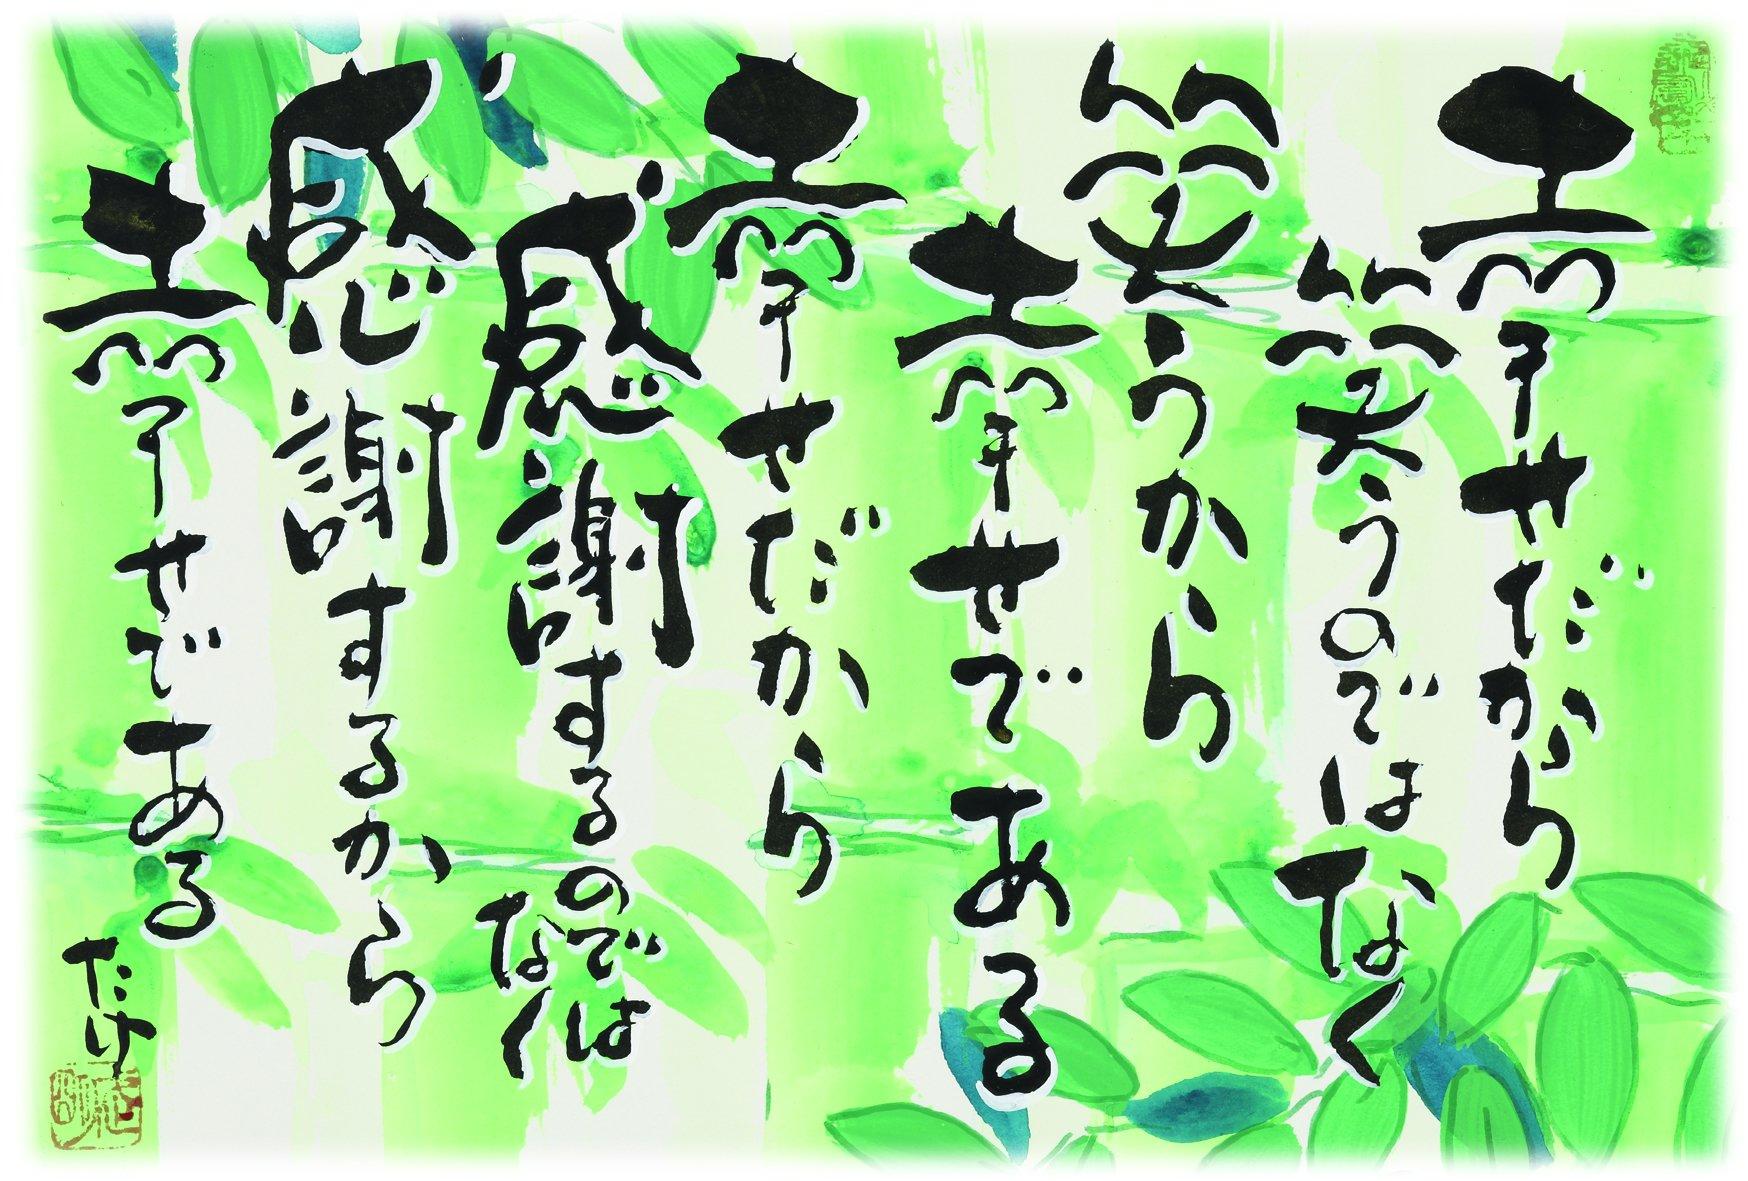 【限定6名 京町屋『瑠万』で過ごす贅沢なひと時】『喋れない講師の講演会』河村武明リアルセミナー〜常識をぶっ壊せ!〜のイメージその5